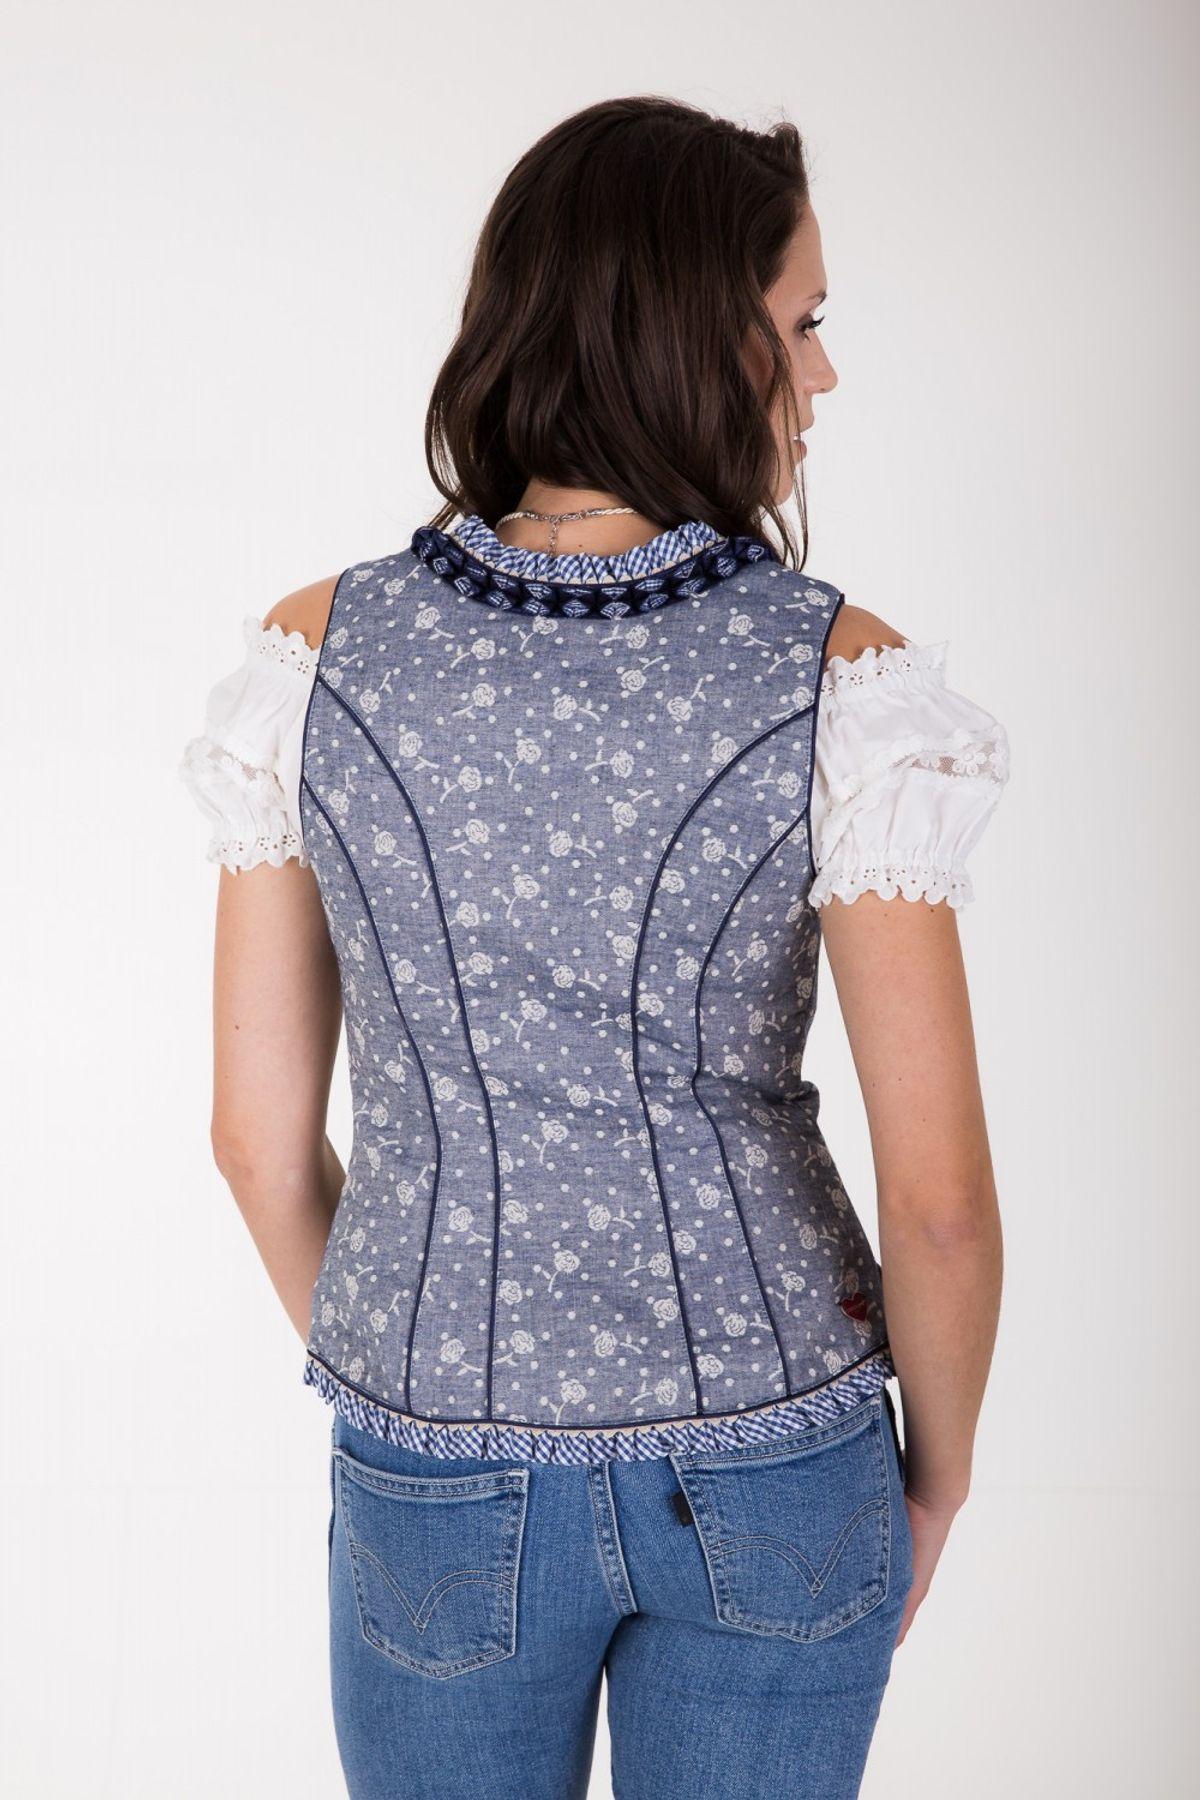 Krüger - Damen Trachten Mieder in Jeans Optik aus 100% Baumwolle, Michaela (Artikelnummer: 33573-8) – Bild 4